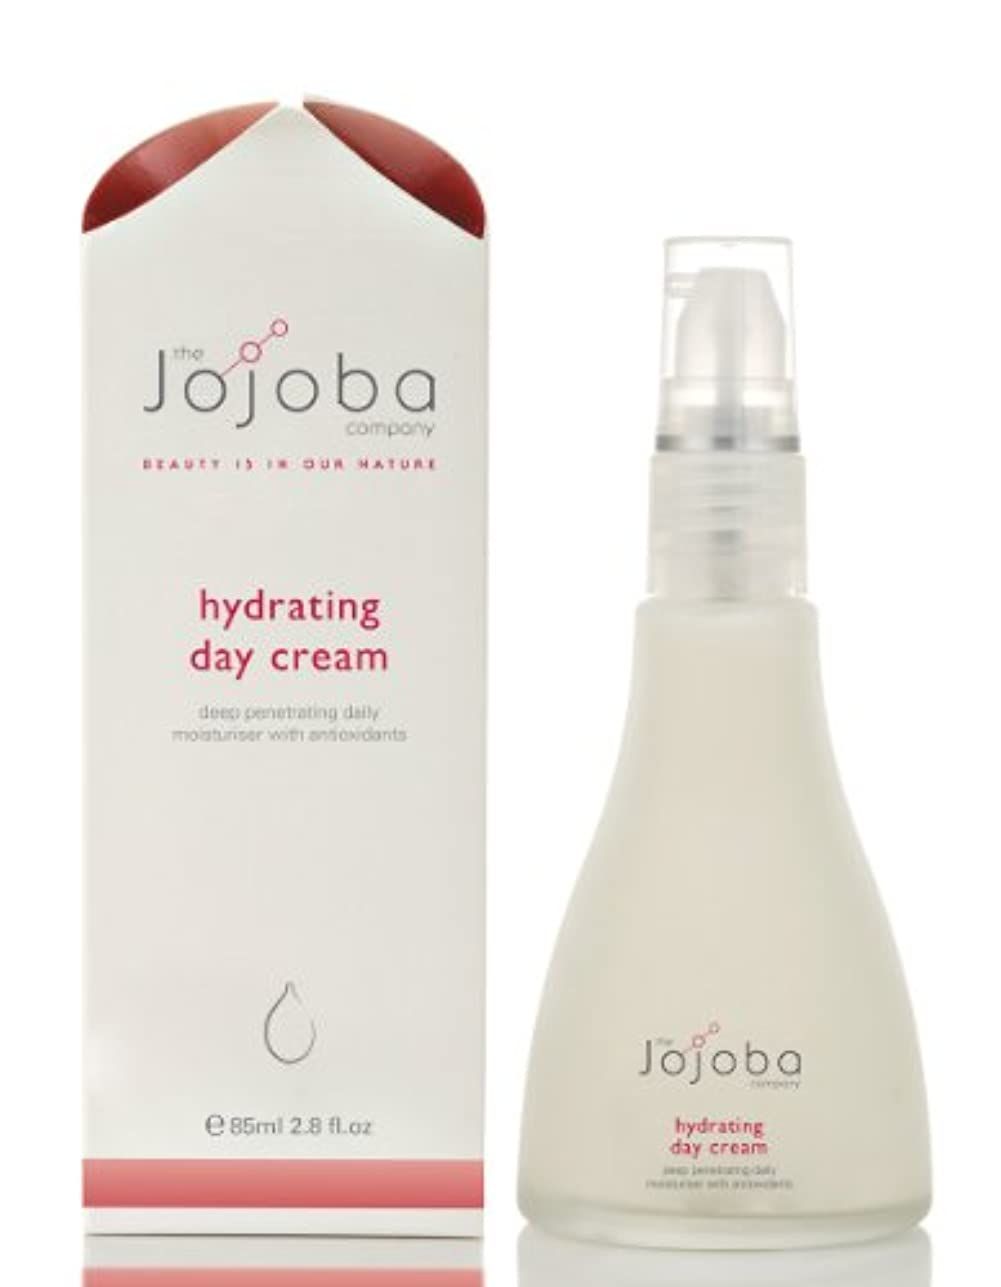 時代幾分開示するthe Jojoba Company ハイドレーティング デイクリーム 85ml